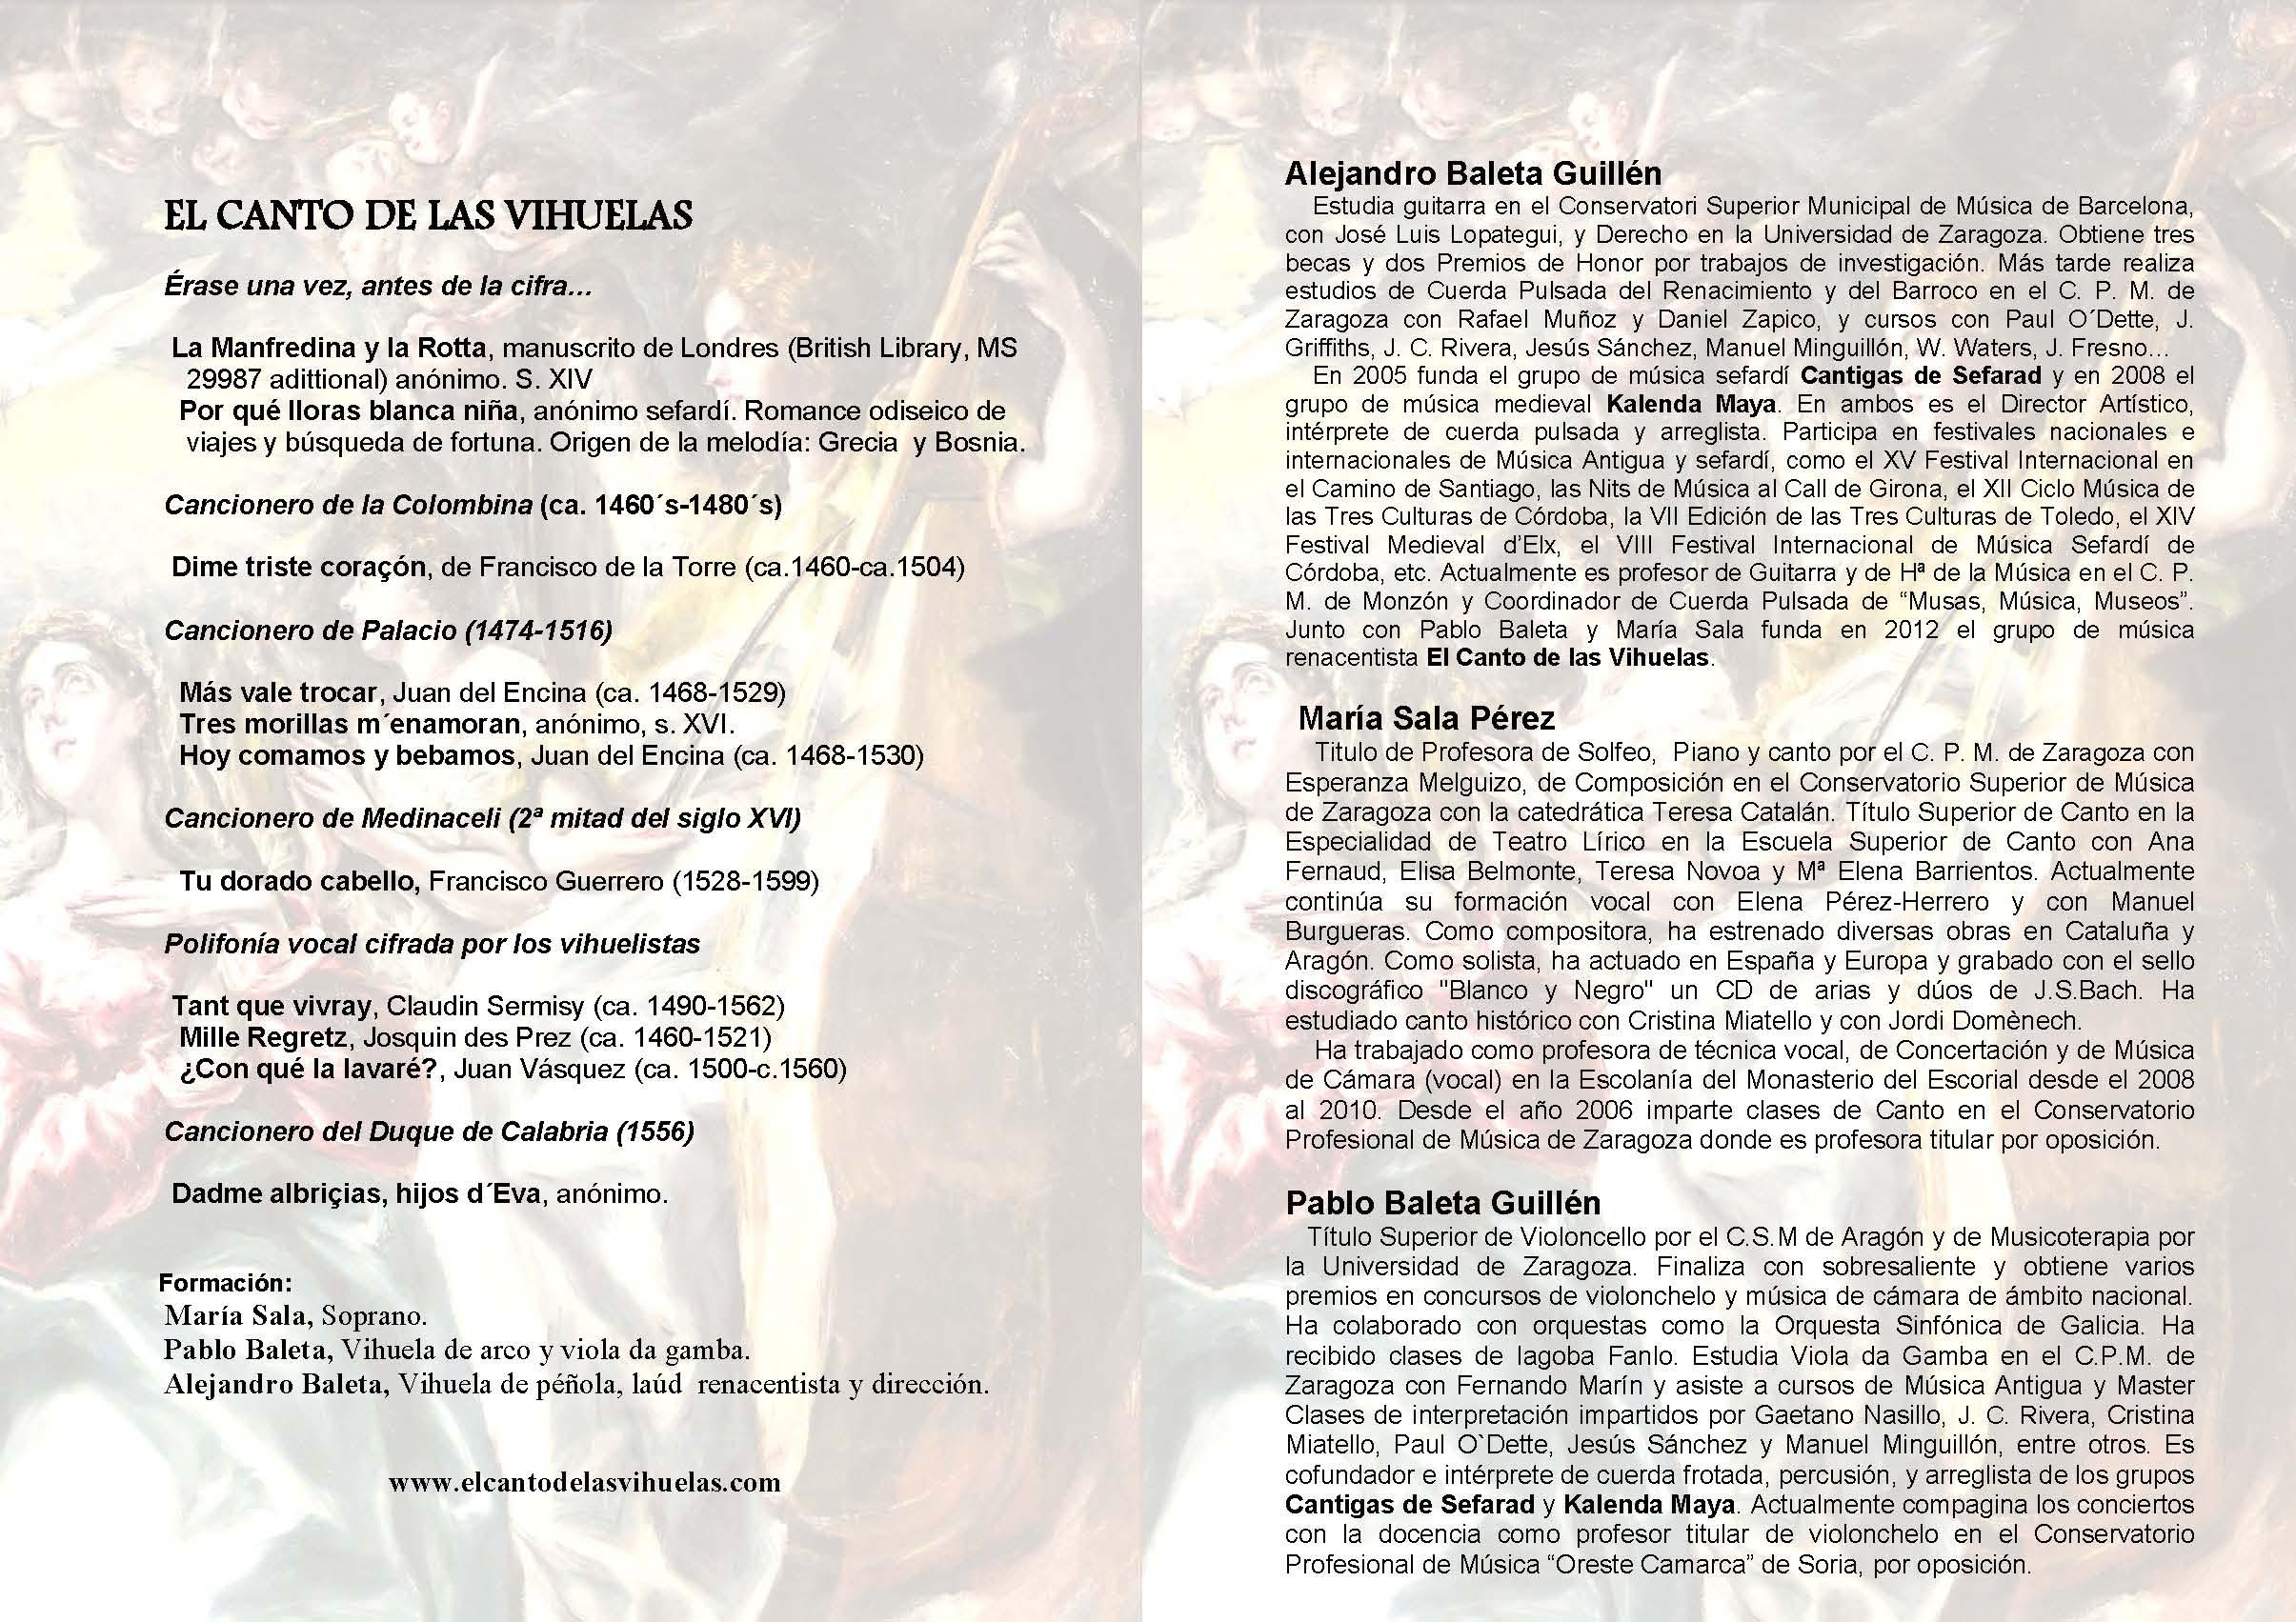 programa-el-canto-de-las-vihuelas-toledo_pagina_2